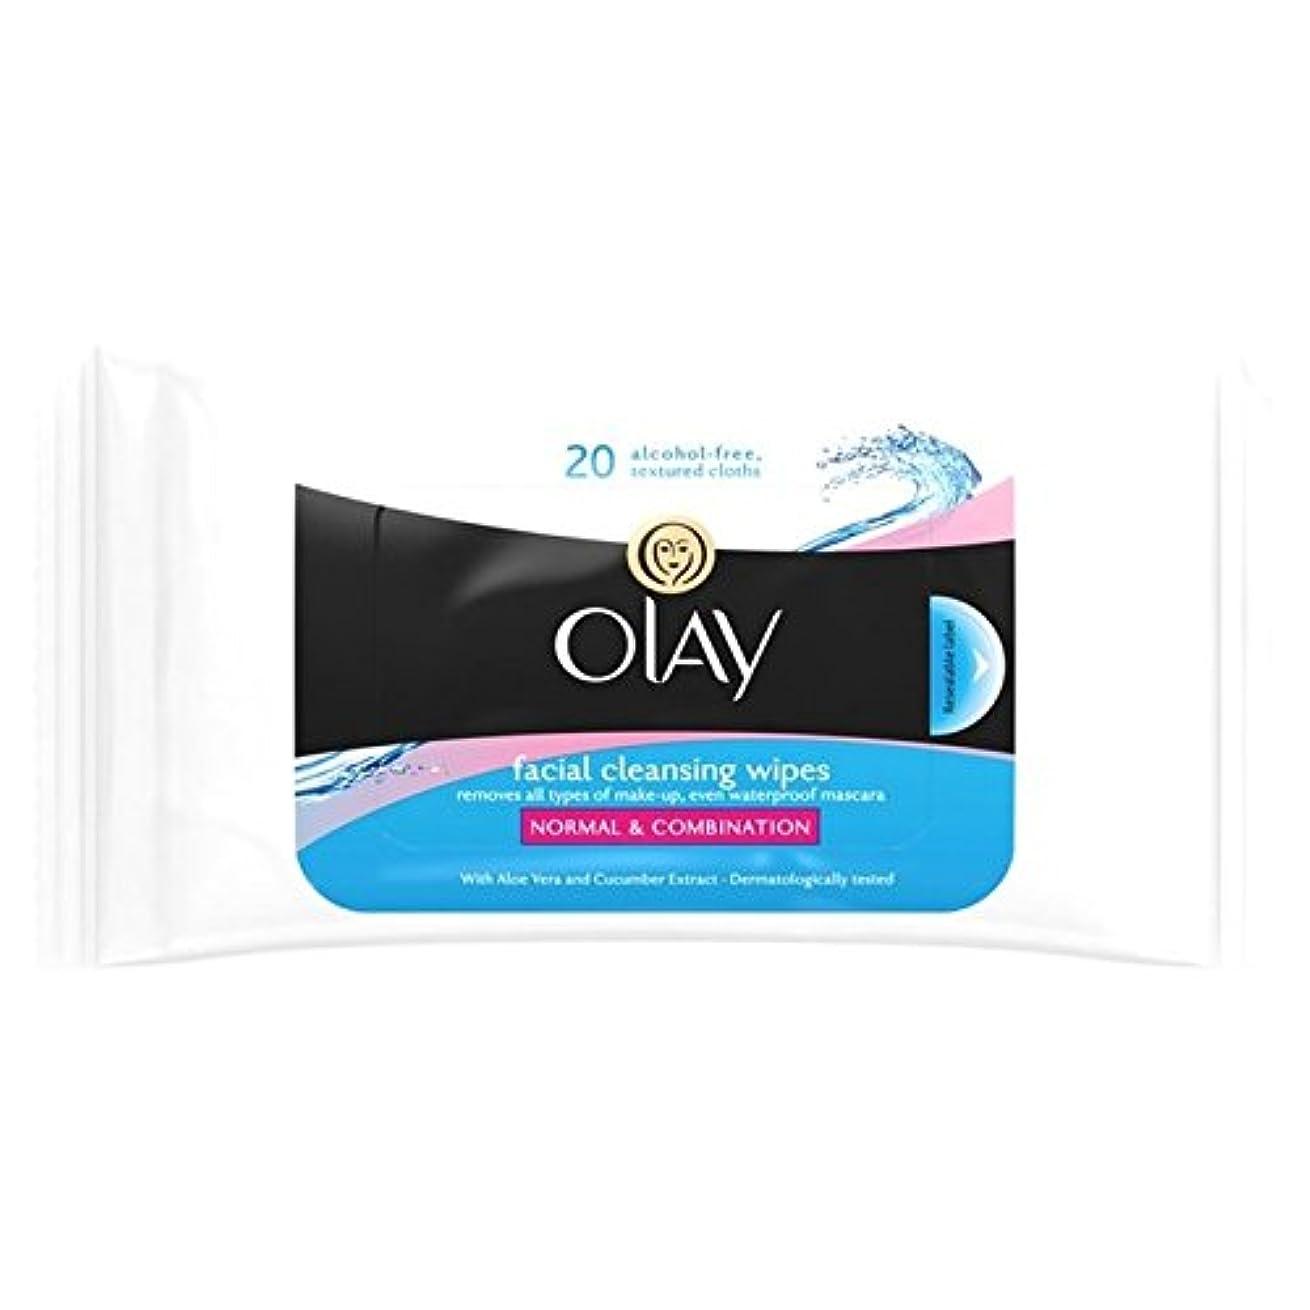 断線目的薬剤師オーレイの必需品、ウェットクレンジング、パック当たりの乾燥/ノーマル/混合肌20ワイプ x2 - Olay Essentials Wet Cleansing Wipes Normal/Dry/Combination Skin 20 per pack (Pack of 2) [並行輸入品]